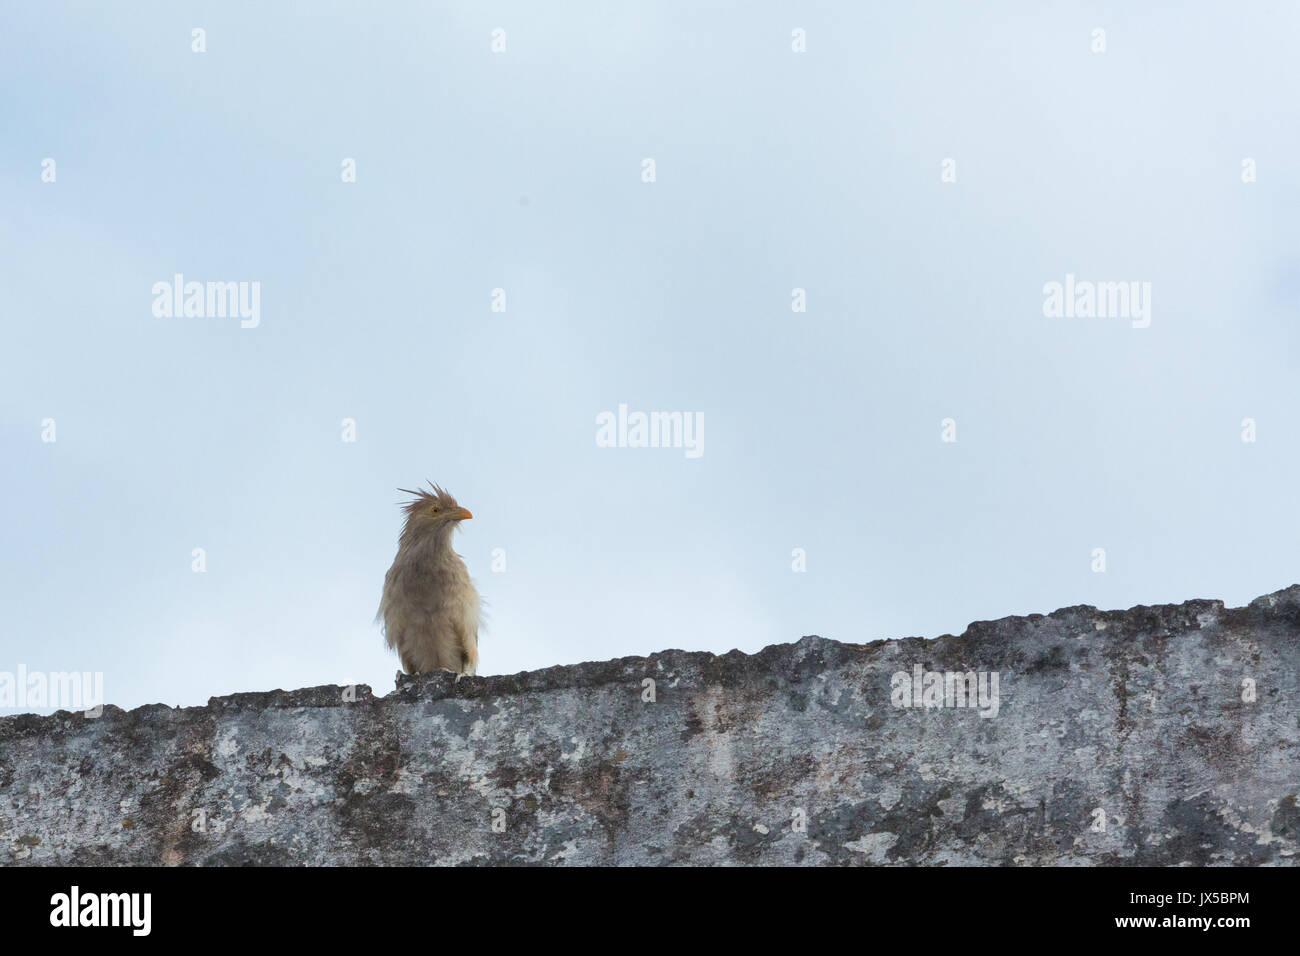 Guira cuckoo (Guira guira) rests on wall, Asuncion, Paraguay - Stock Image